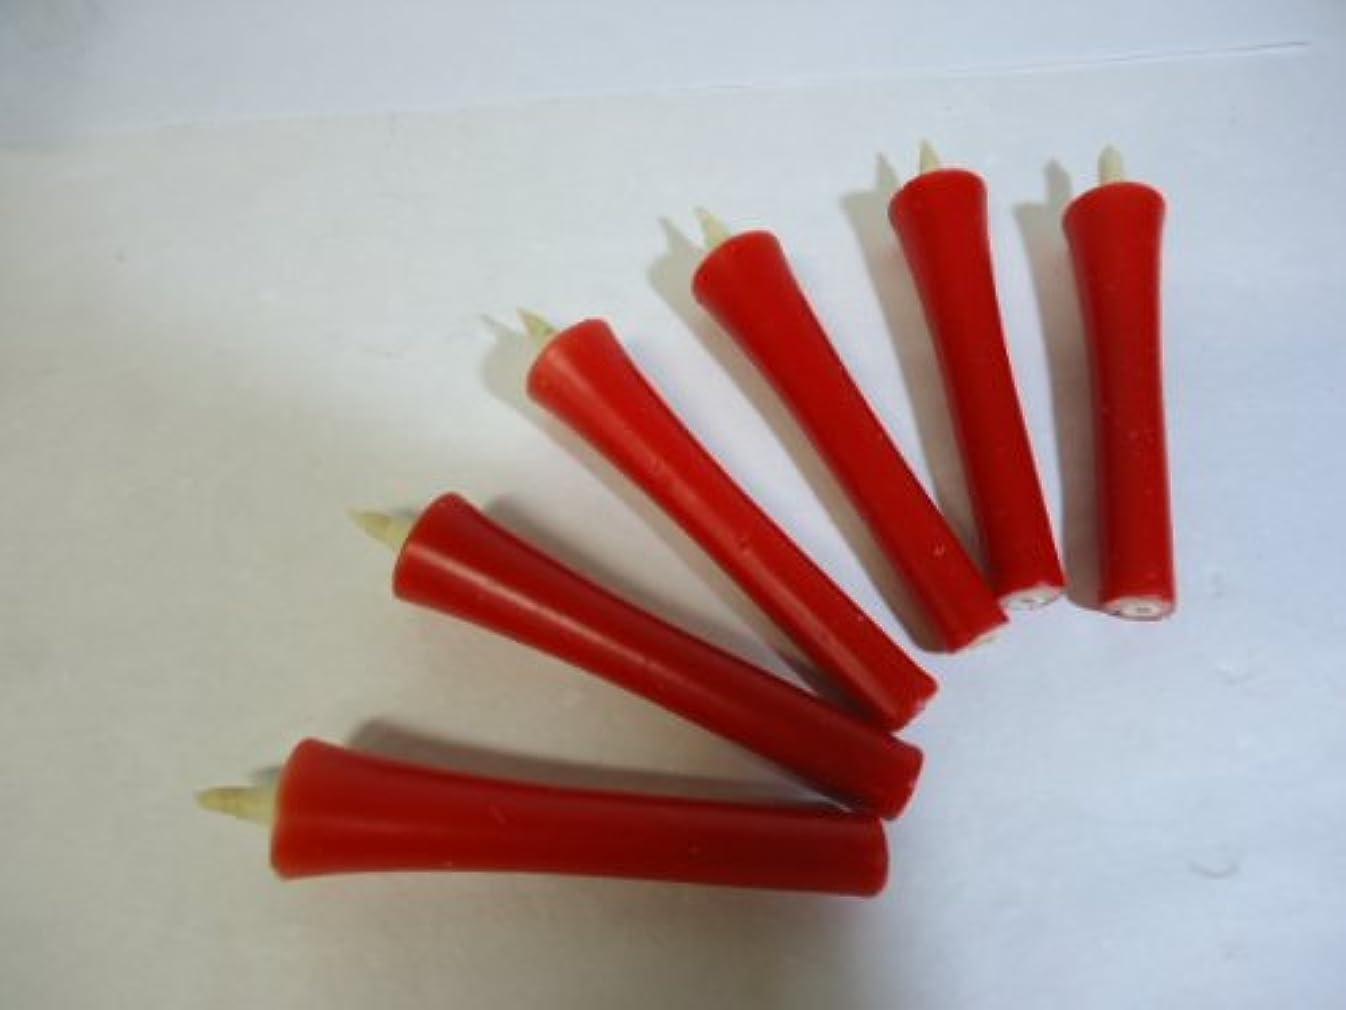 寄生虫順応性普通の和ろうそく 型和蝋燭 ローソク 【朱】 2号 イカリタイプ 朱色 小箱 6本入り